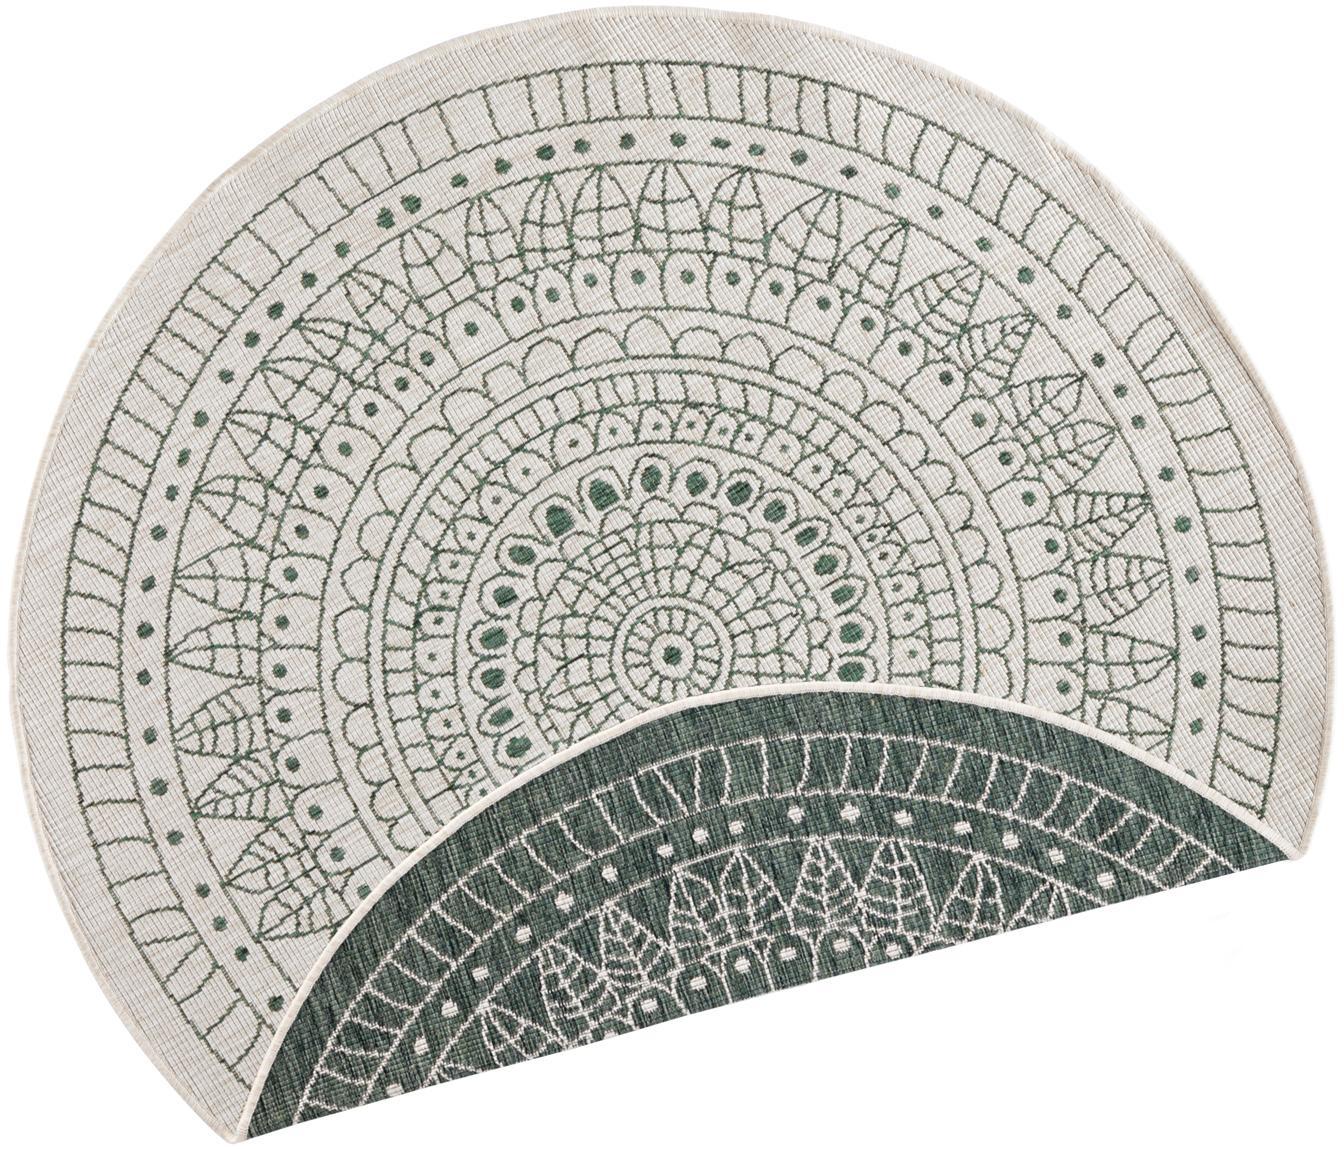 Tappeto rotondo reversibile da interno-esterno Porto, Verde, color crema, Ø 140 cm (taglia M)